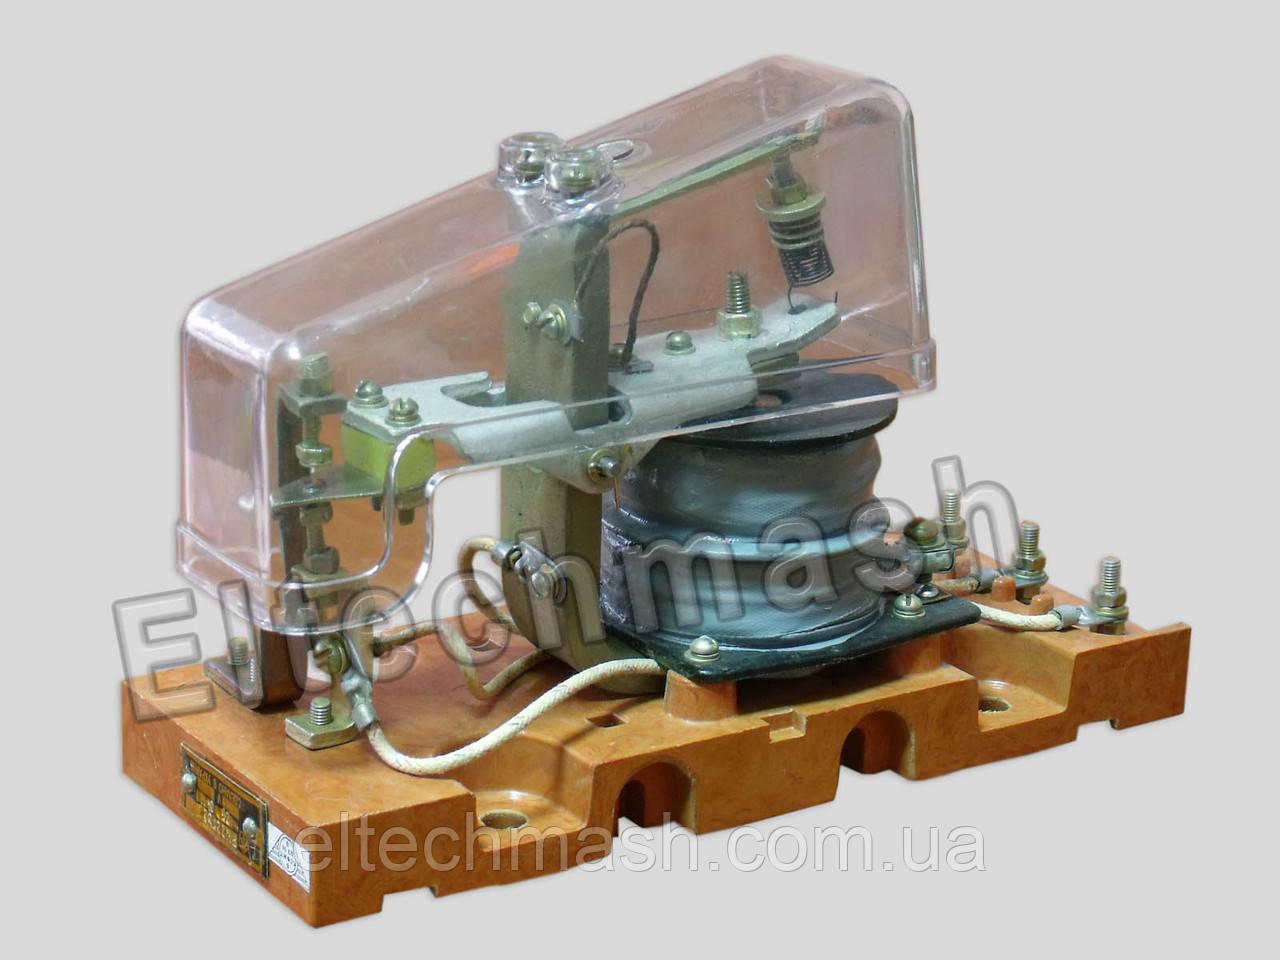 РК-231У3, Реле с высоким коэффициентом возврата (2ТХ.309.315.04, ИАКВ.647612.003-04)